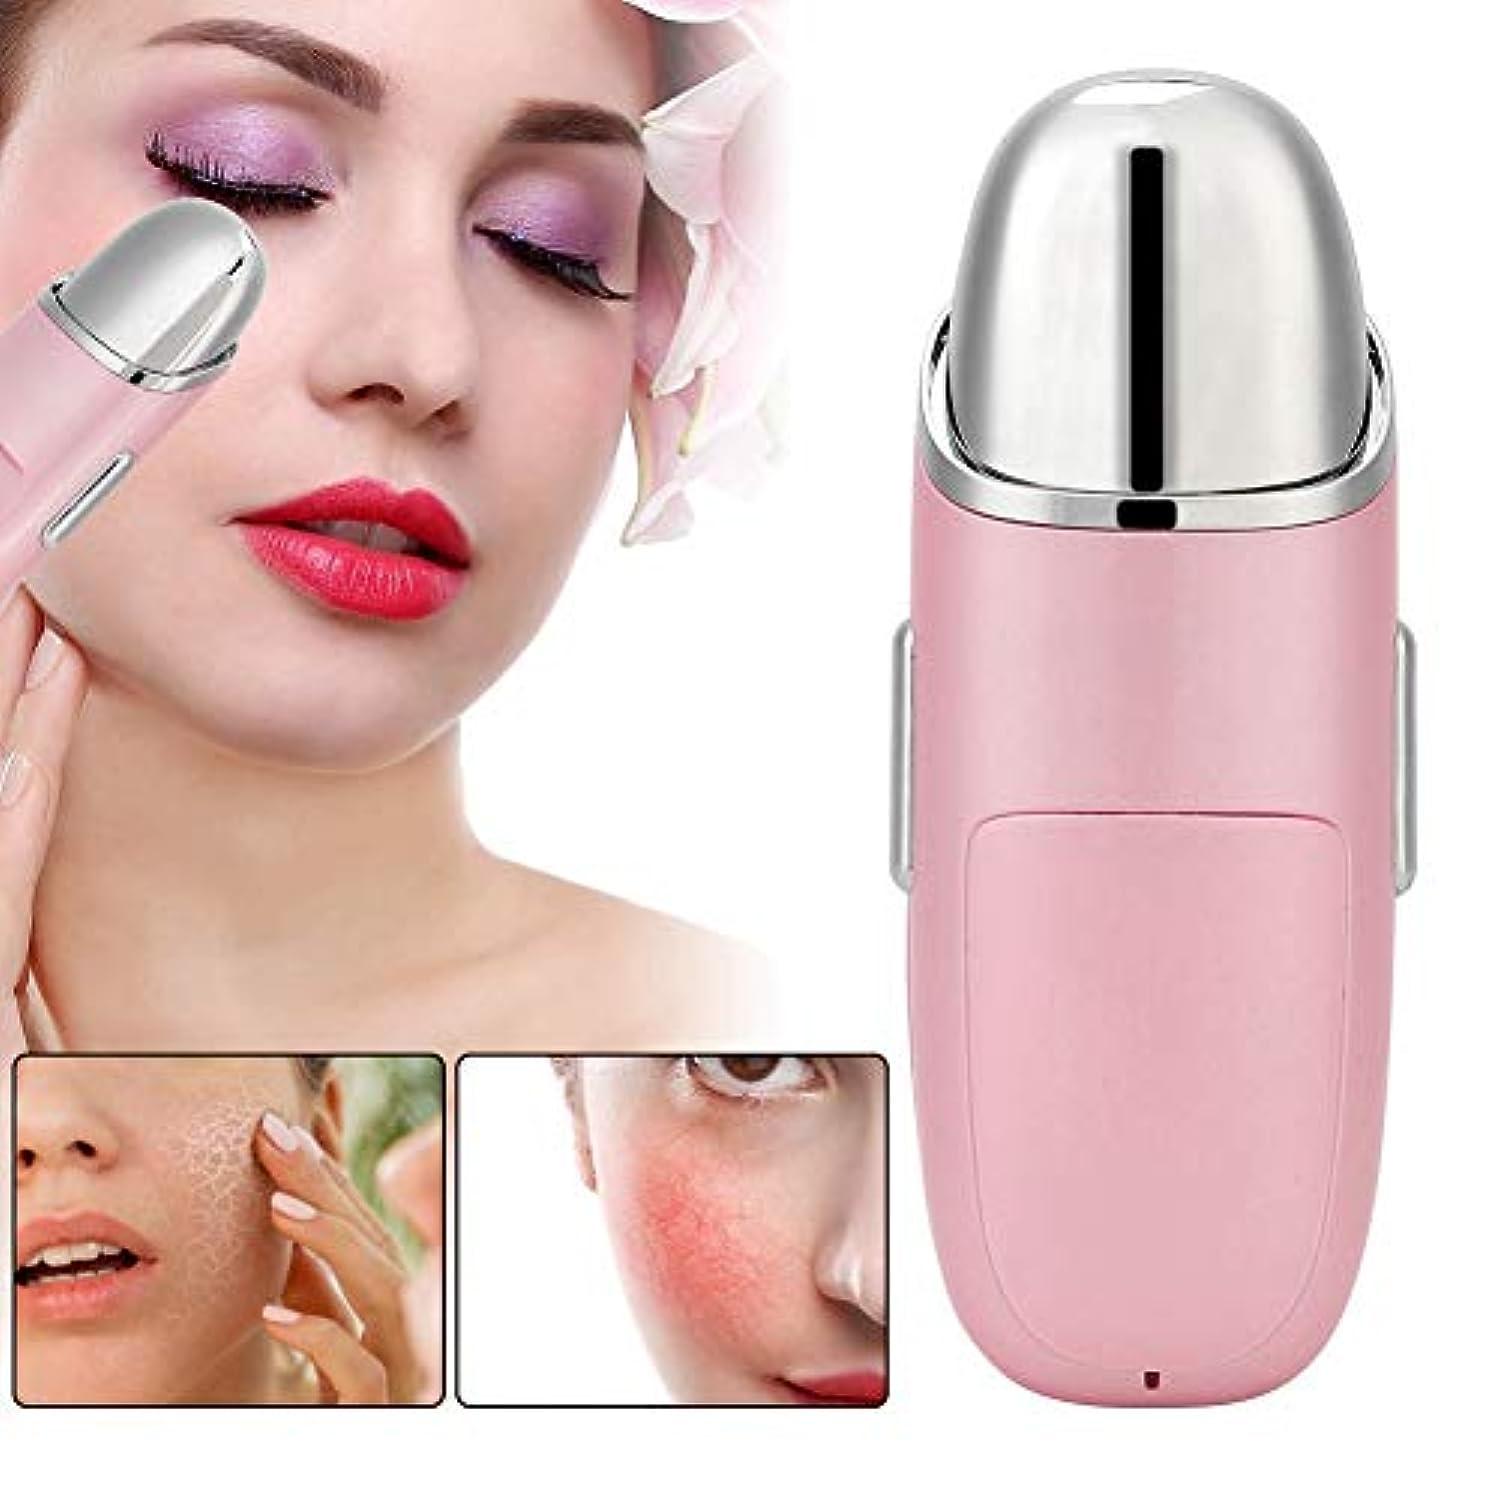 オーディション許す再現する女性のための電気目の顔のマッサージャーの美用具(ピンク)